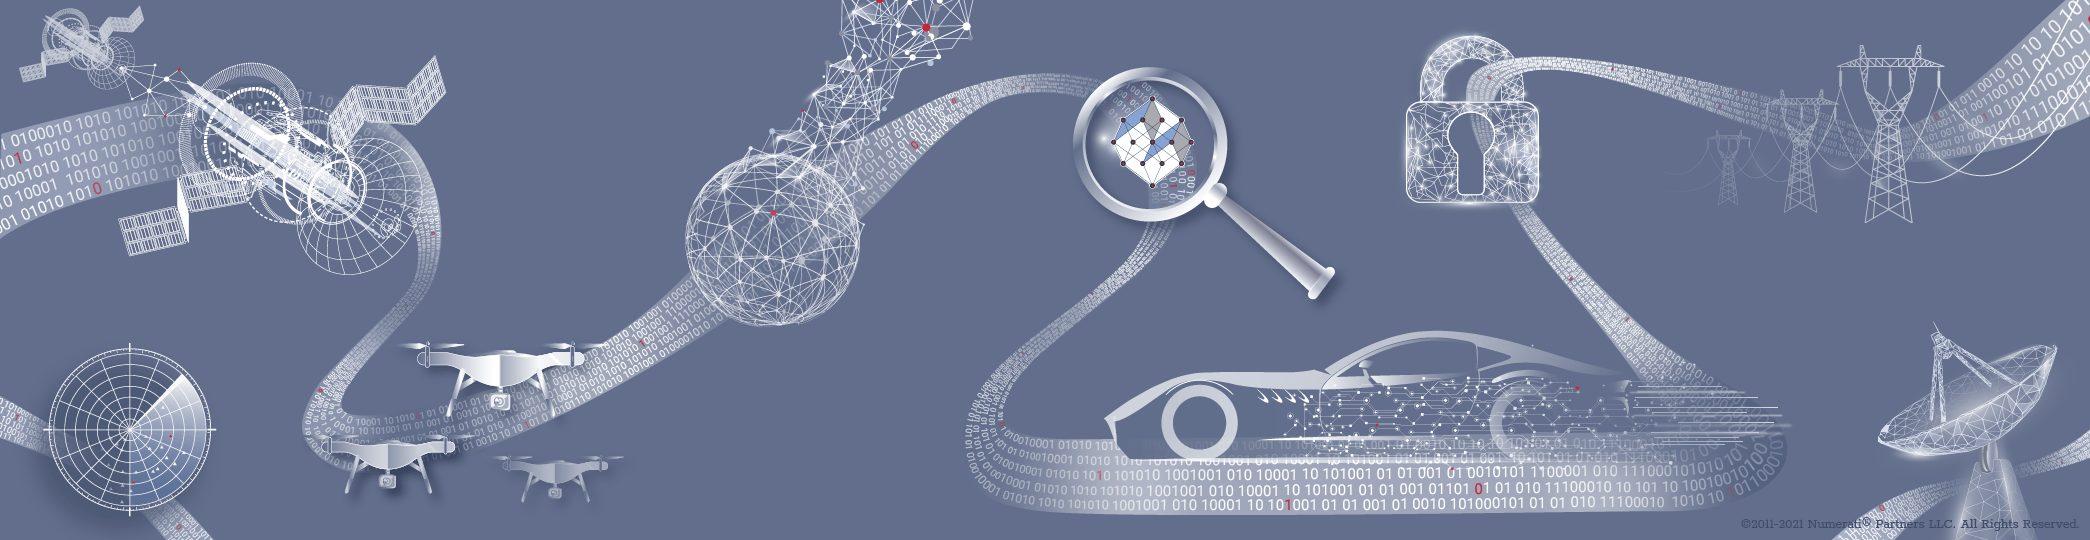 Numerati Partners Data Analytics